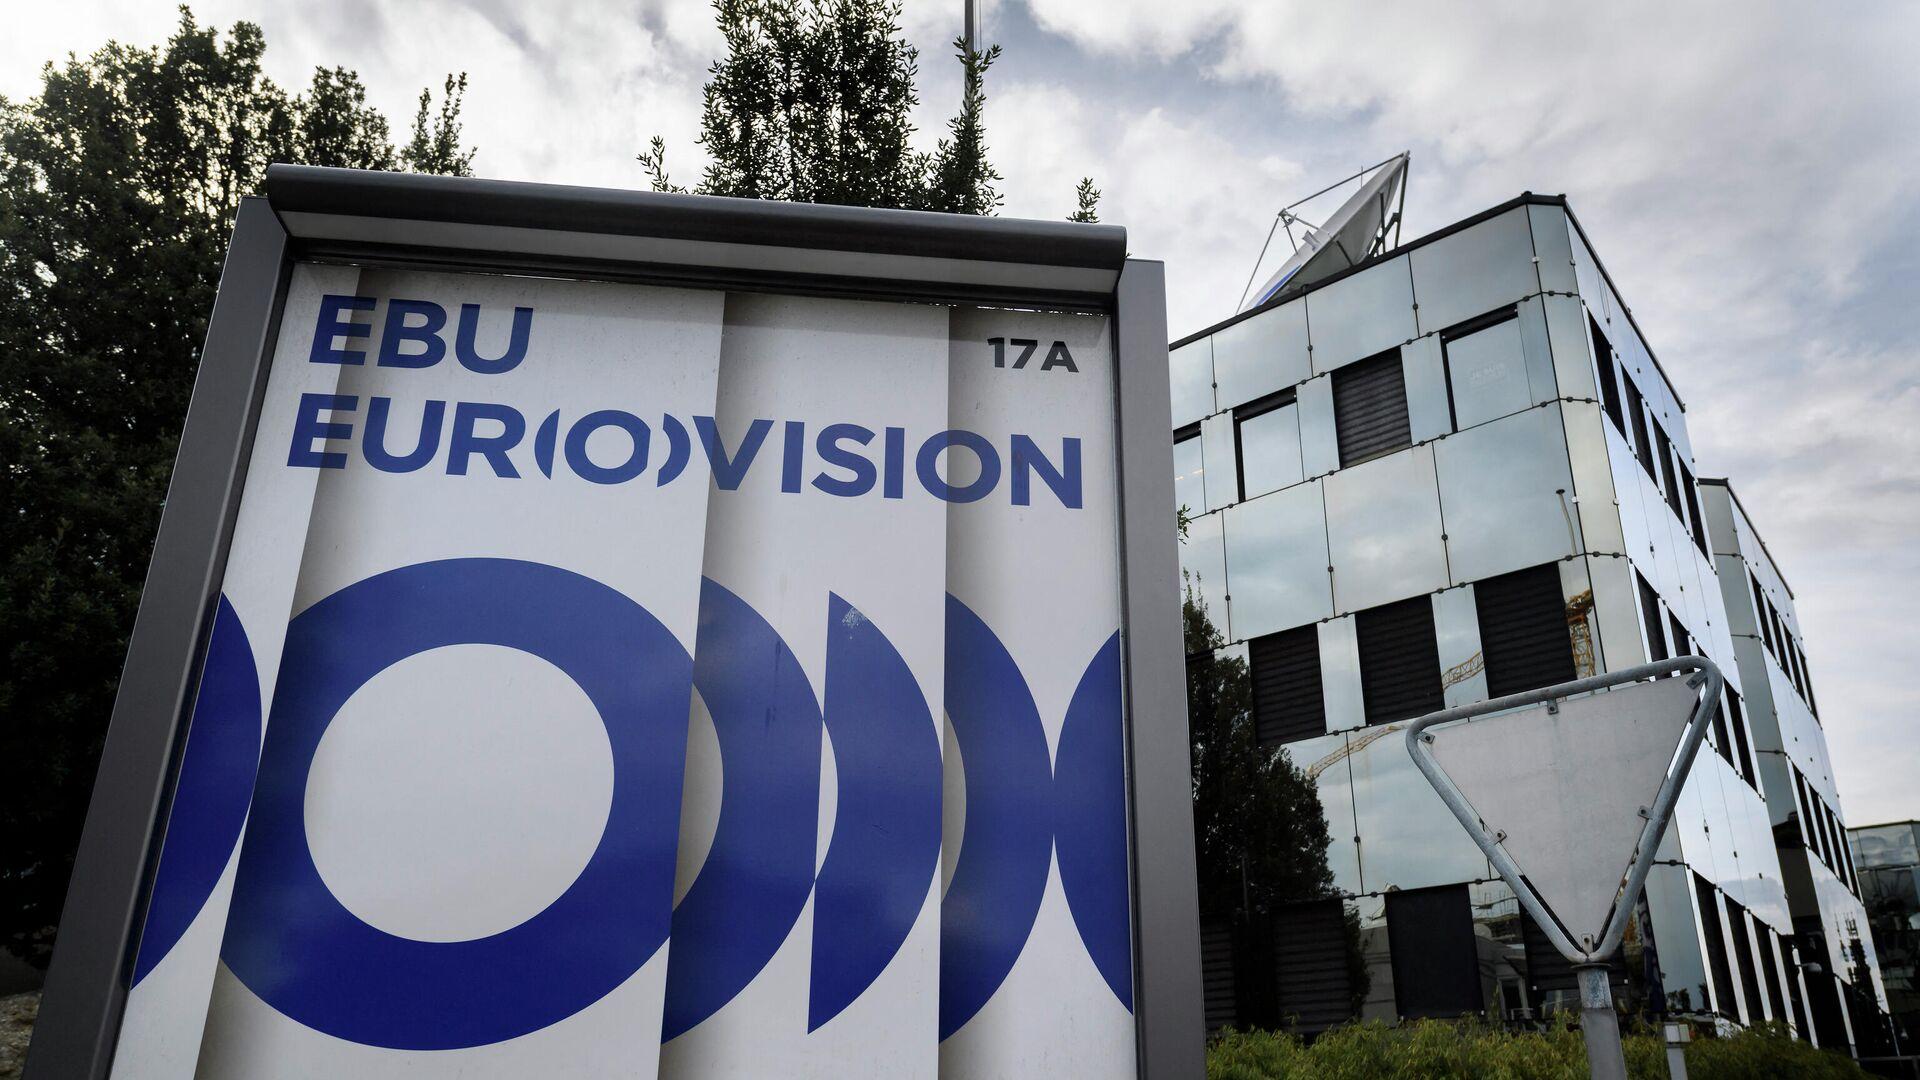 Hauptquartier der Europäischen Rundfunkunion (EBU) in Genf  - SNA, 1920, 12.03.2021